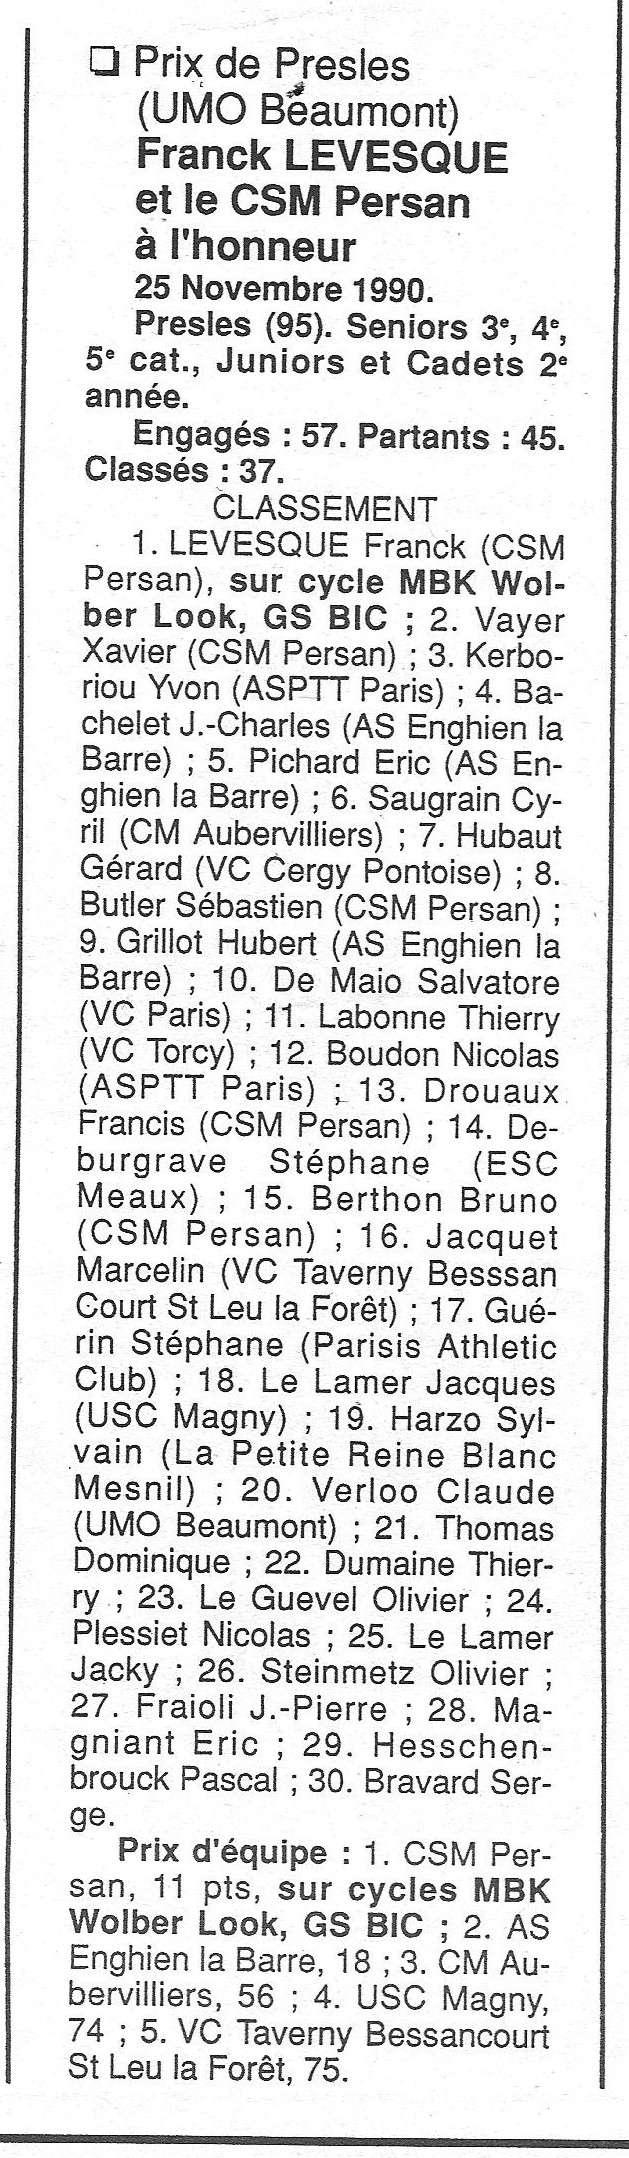 CSM.Persan. BIC. Toute une époque de janvier 1990 à novembre 2007 - Page 4 1990_206